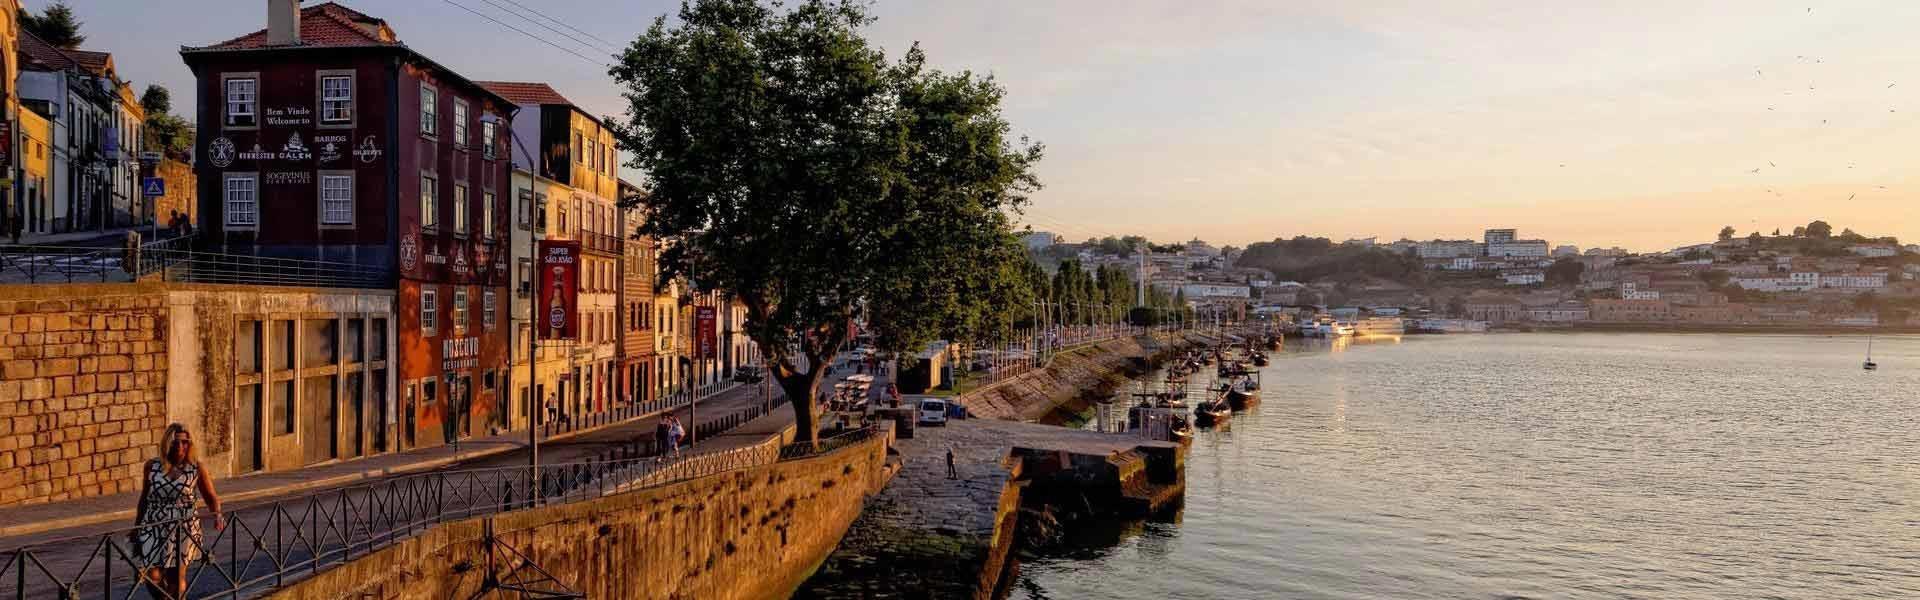 Ontdek Porto tijdens een camperreis door Portugal met Victoria CamperHolidays